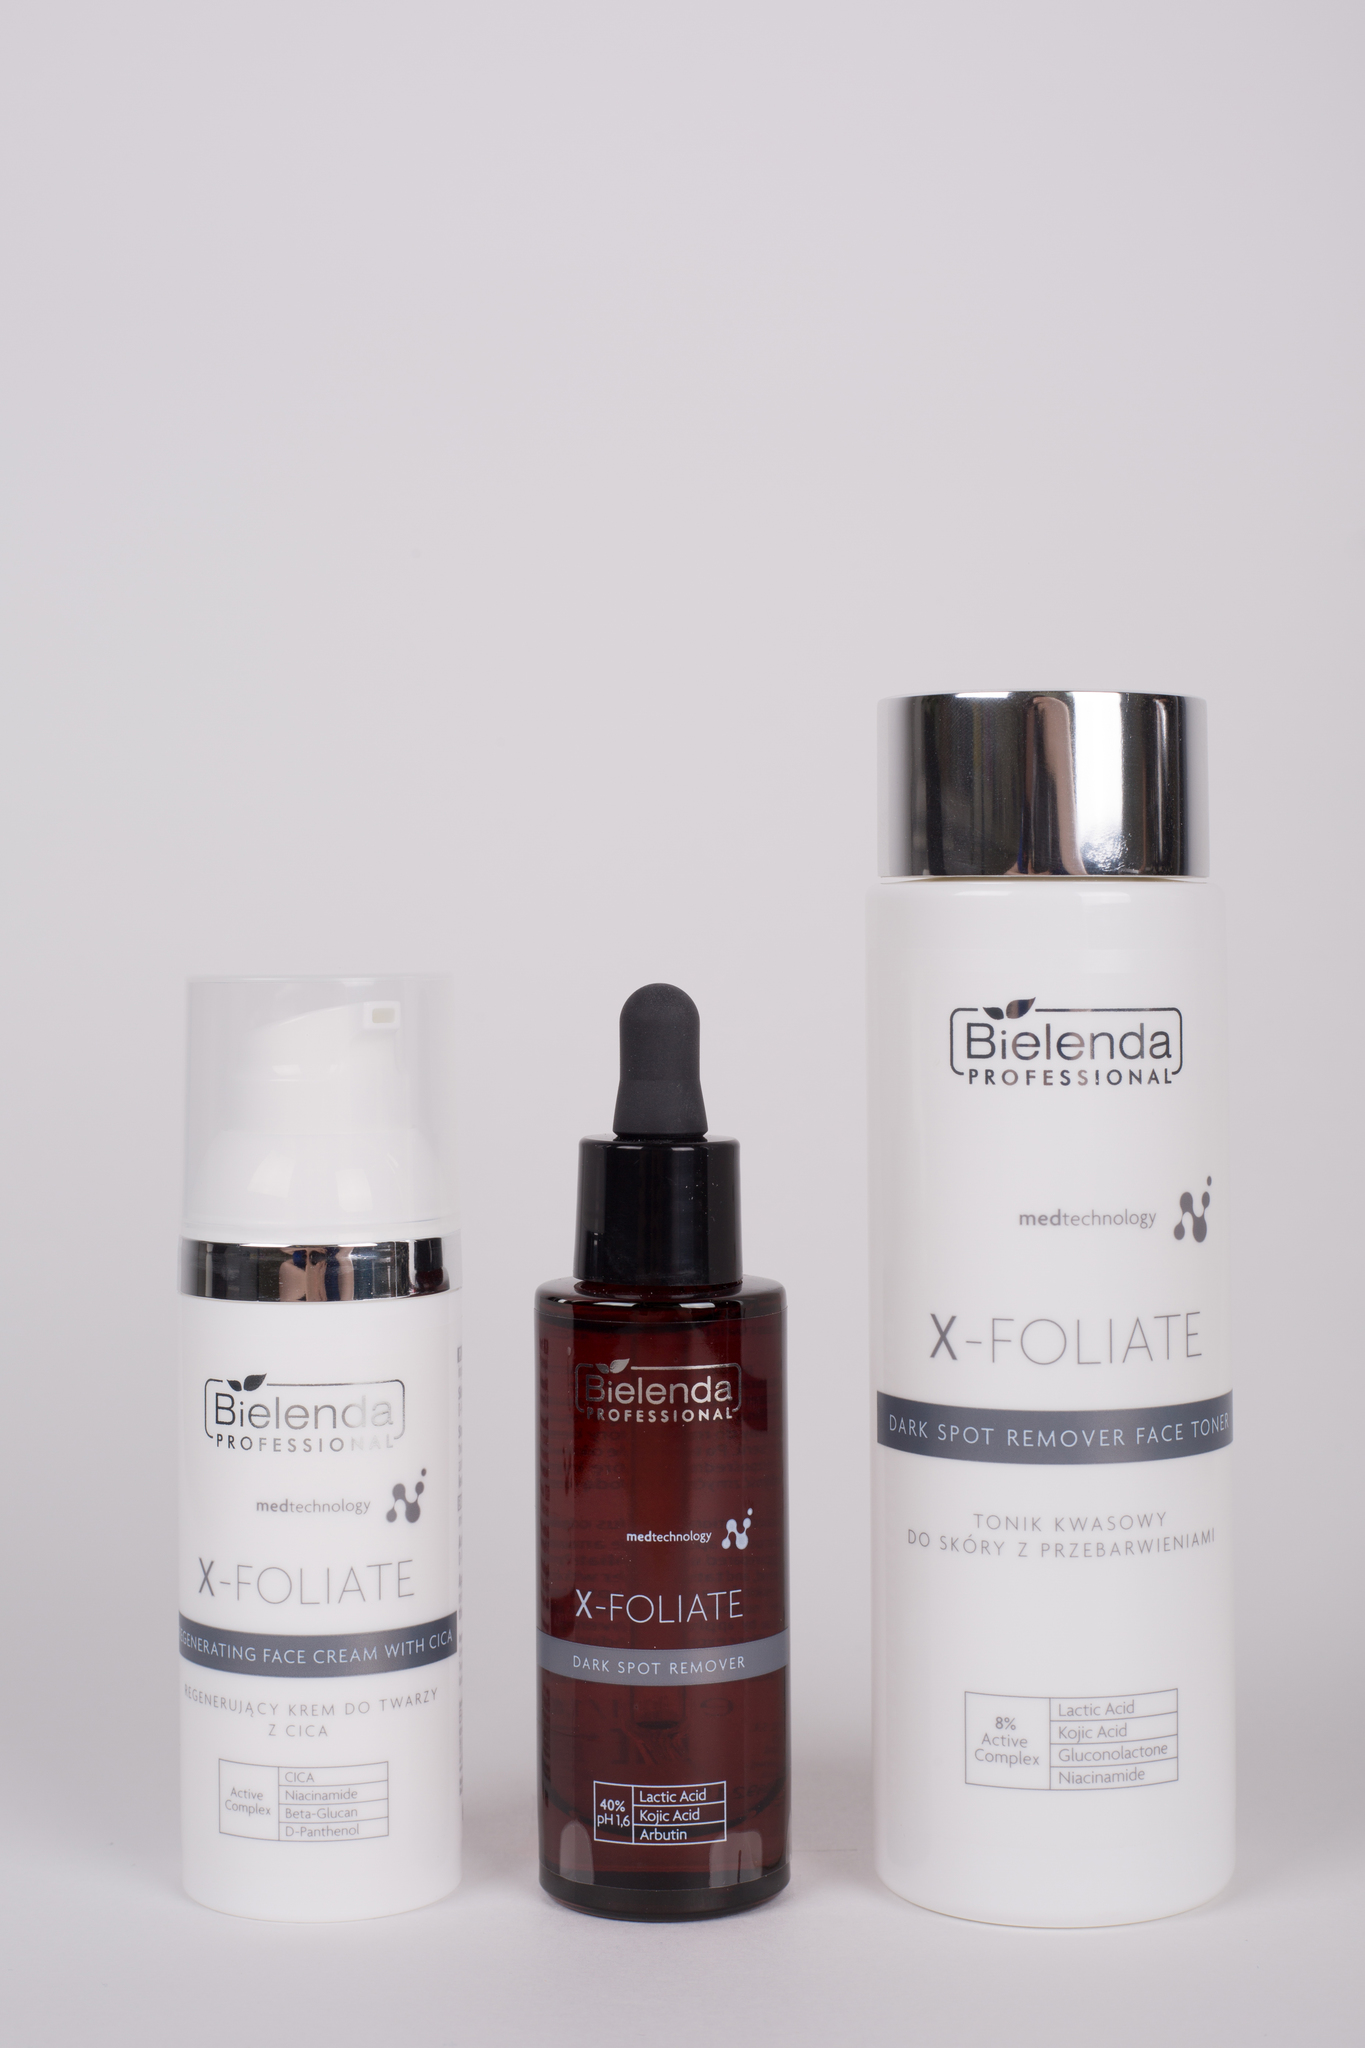 X-FOLIATE Dark Spot Remover Пилинг отбеливающий для кожи лица, склонной к пигментации, 30 мл.